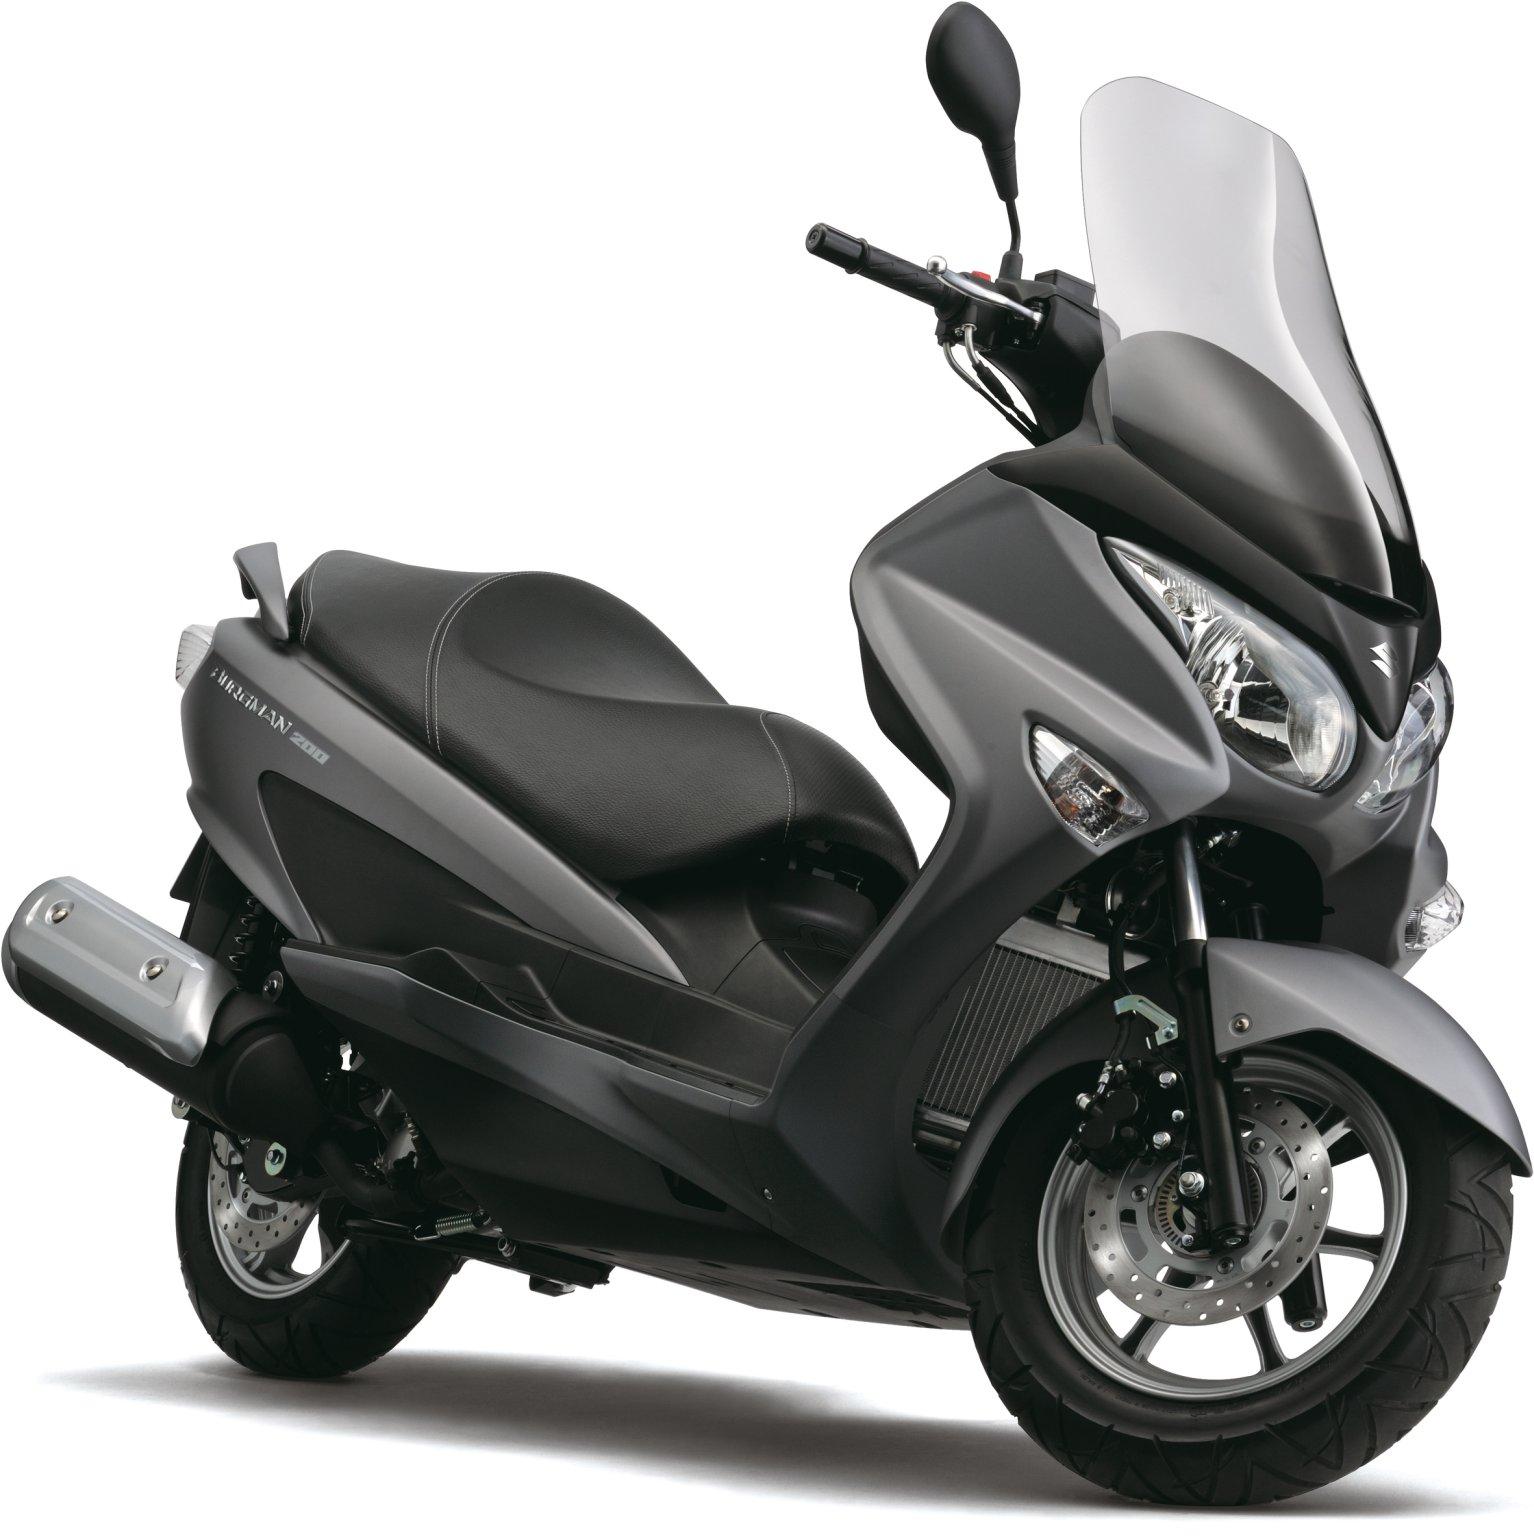 Gebrauchte und neue Suzuki Burgman 200 Motorräder kaufen | 1534 x 1539 jpeg 265kB